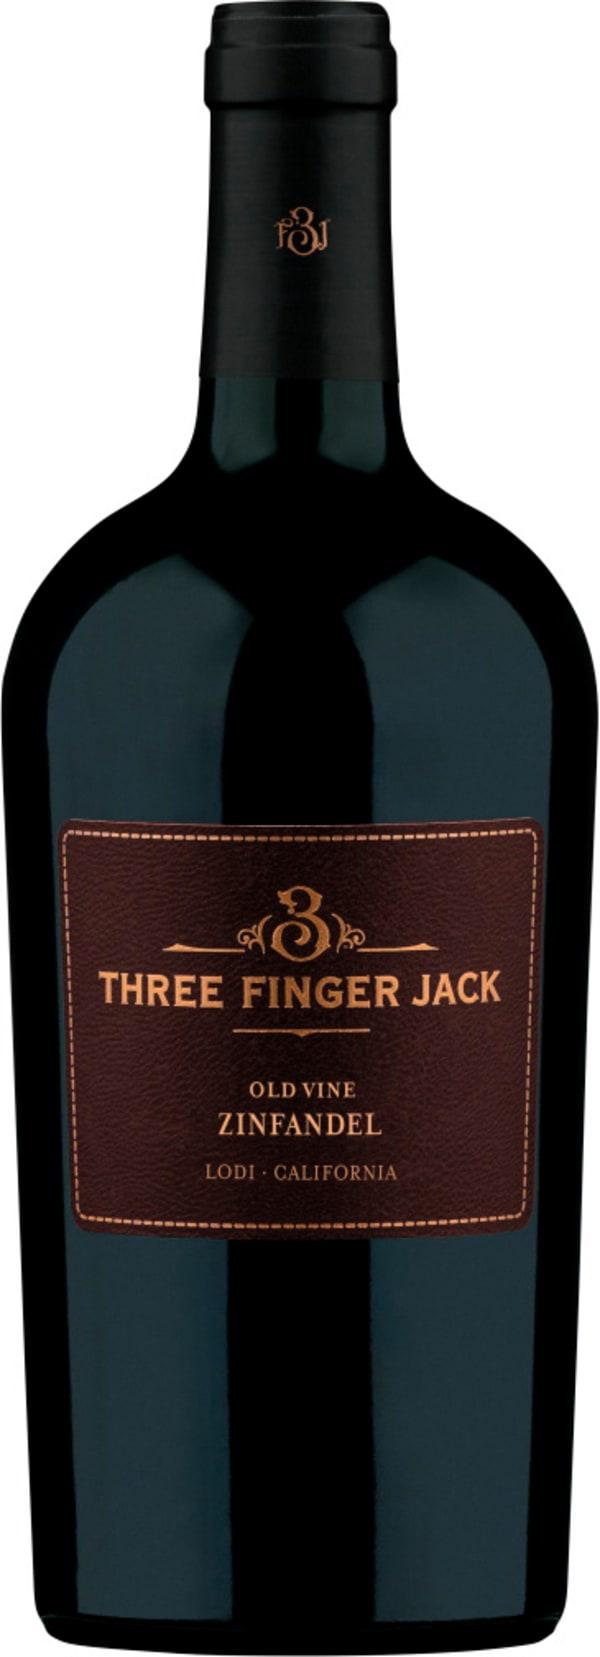 3 Finger Jack Old Vine Zinfandel 2015